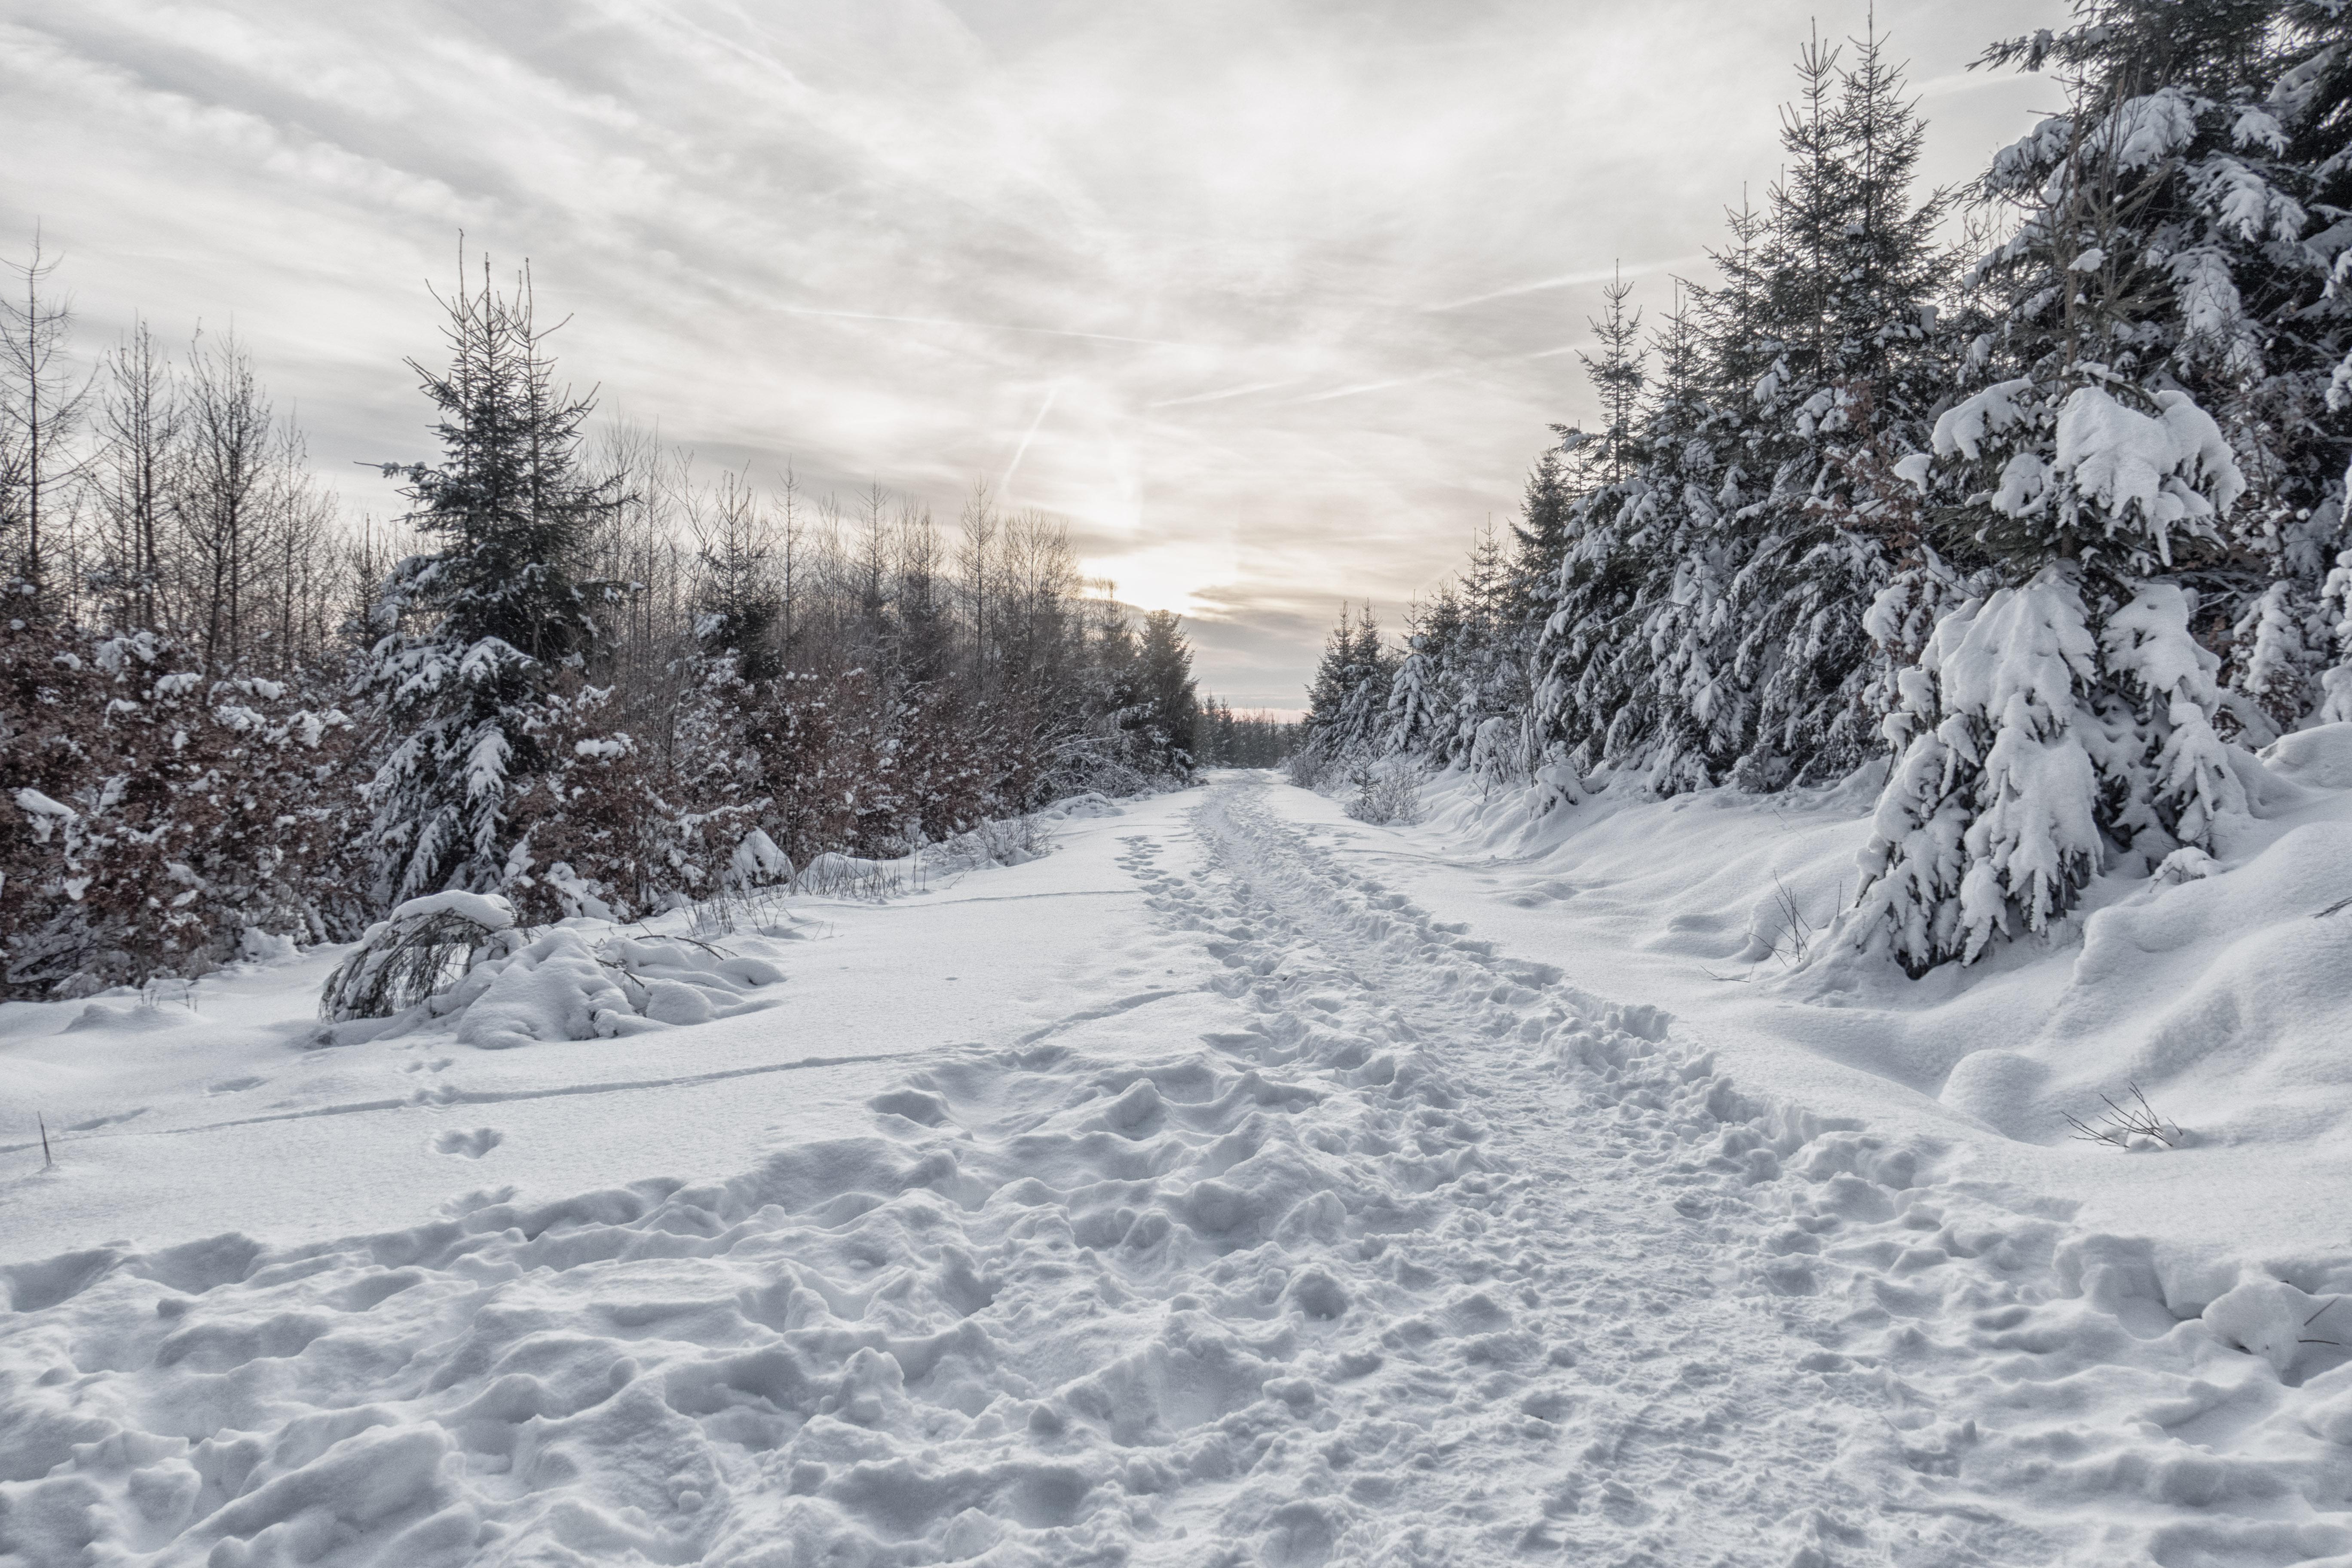 созданные снежная тропинка фото зимние просмотр